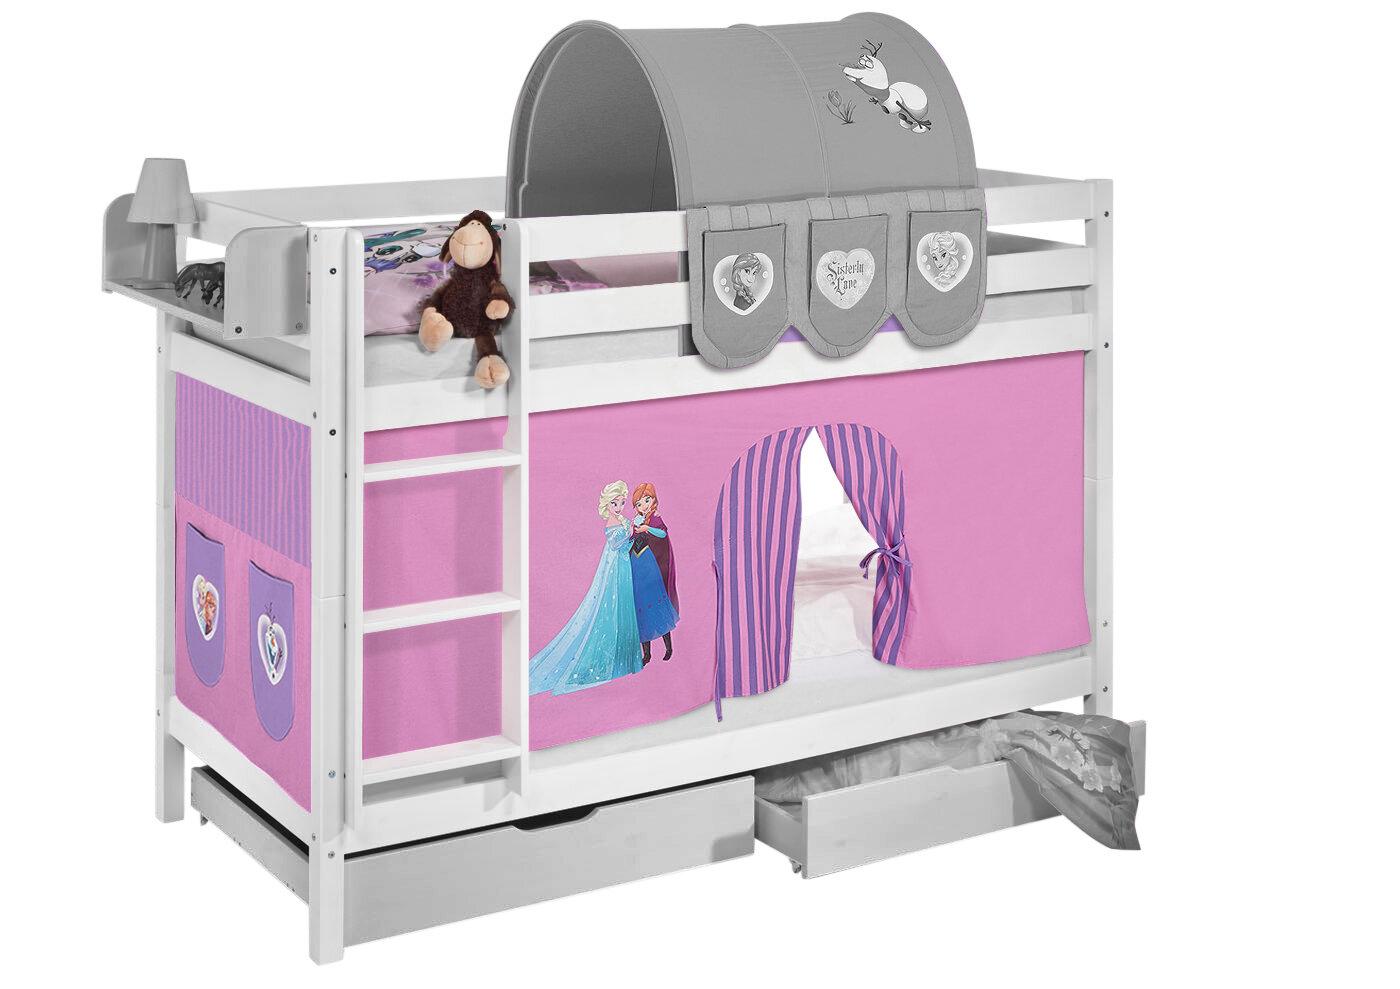 Etagenbett Jelle : Frozen etagenbett disney s mit hochbettvorhang cm x